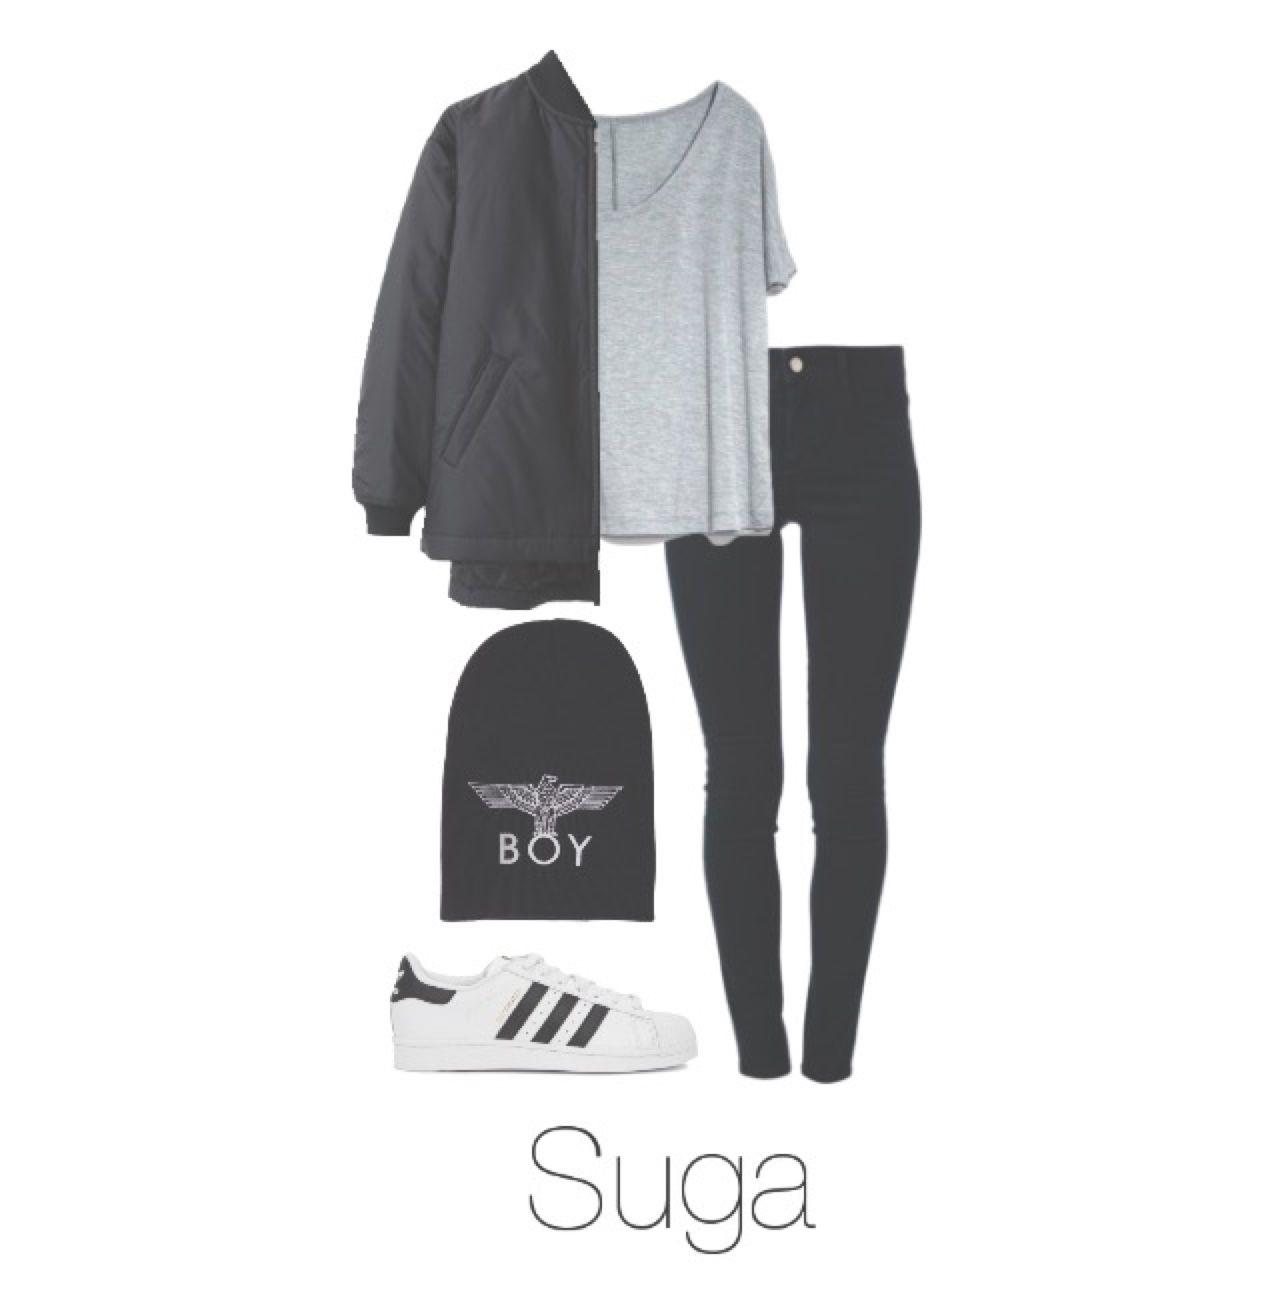 BTS Suga/Yoongi ** @BTSOufits   BTS outfits   Pinterest   Tenue Tenues et Vu00eatements